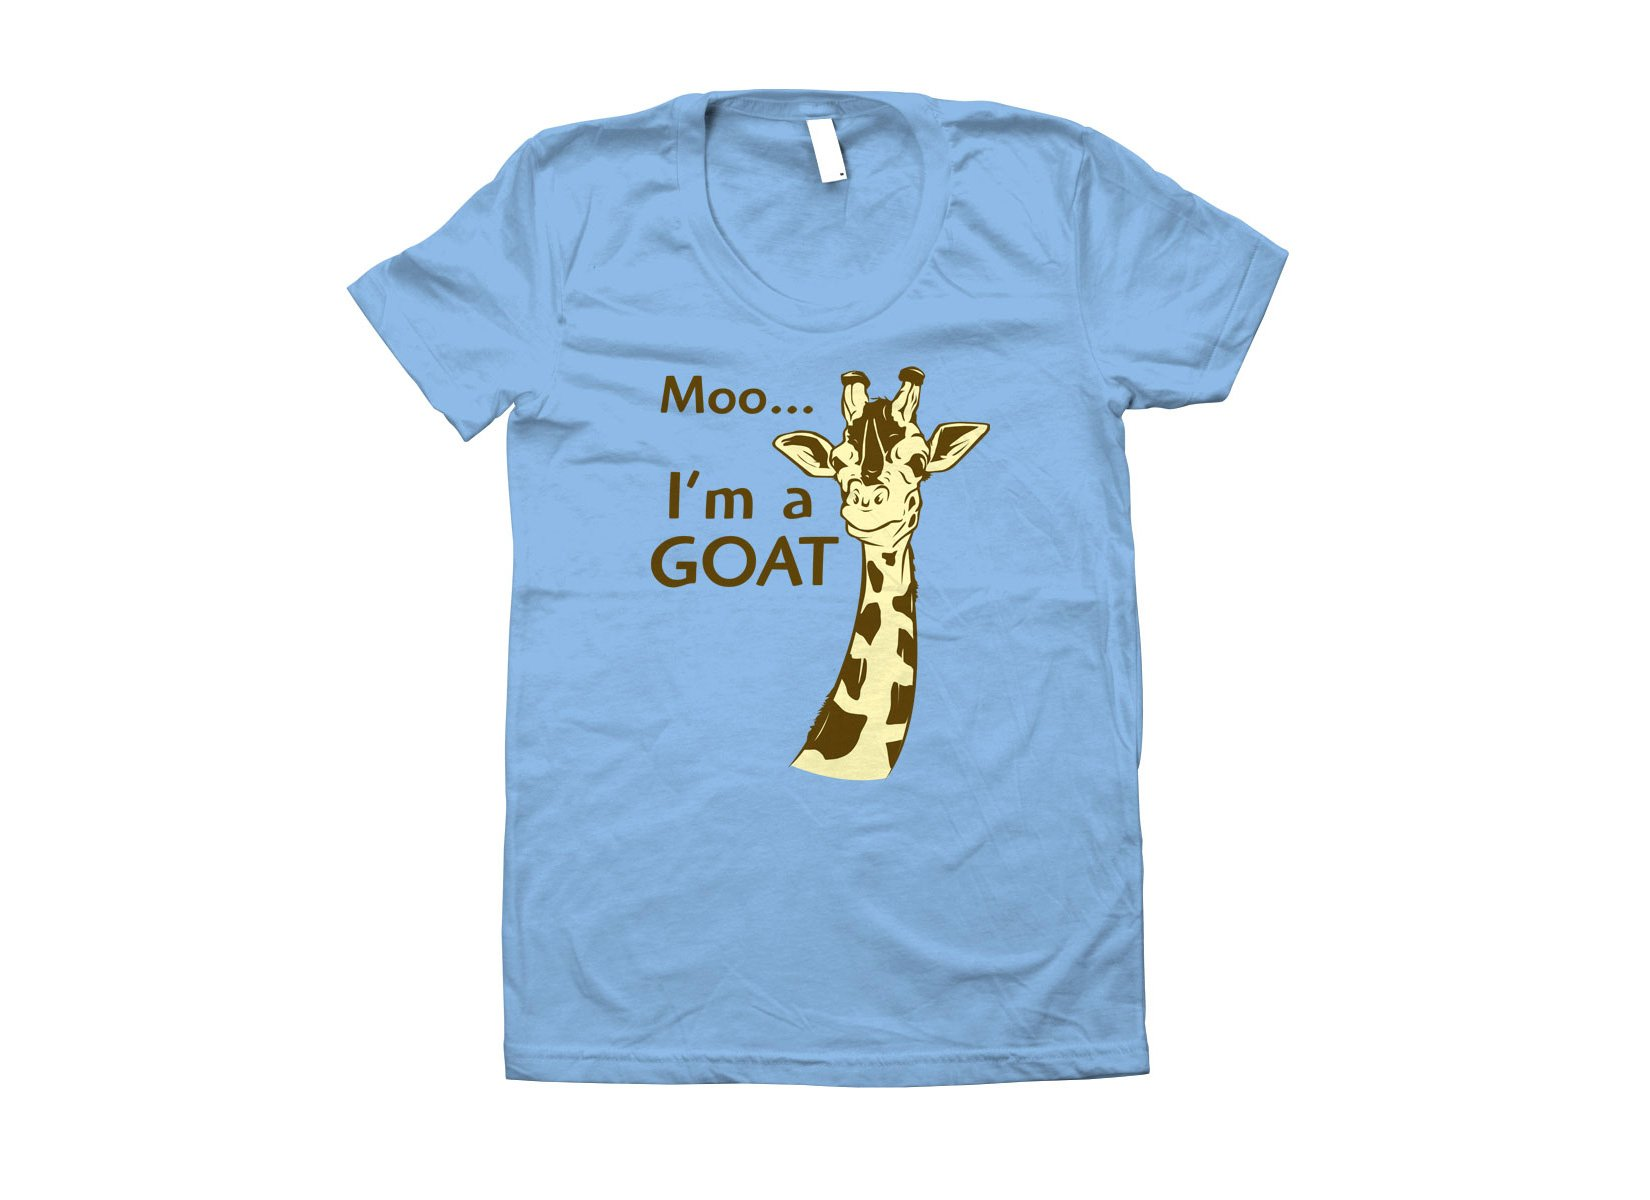 Moo, I'm A Goat on Juniors T-Shirt